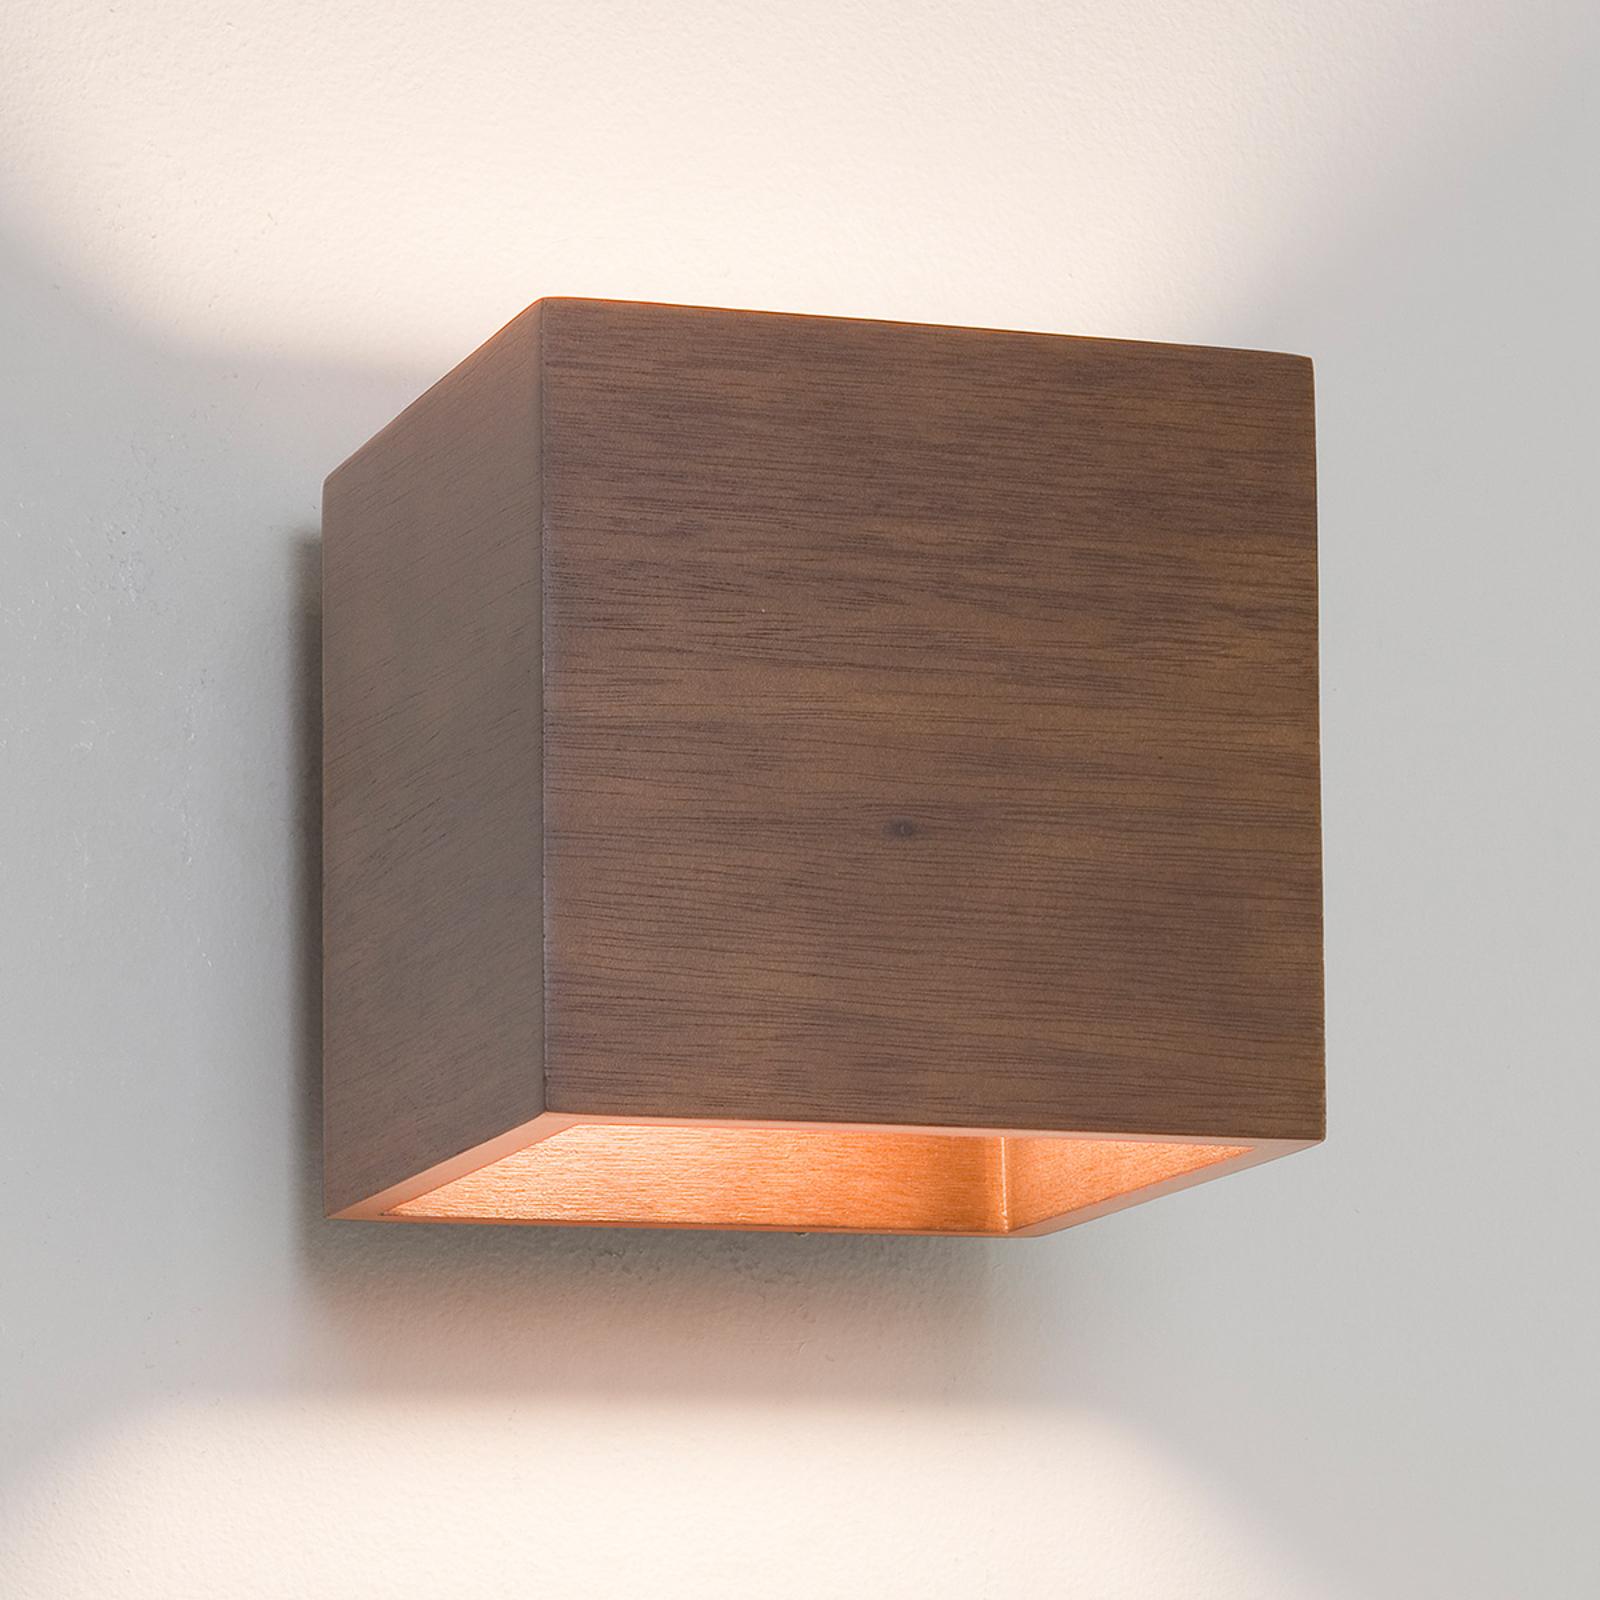 Bella applique di legno CREMONA